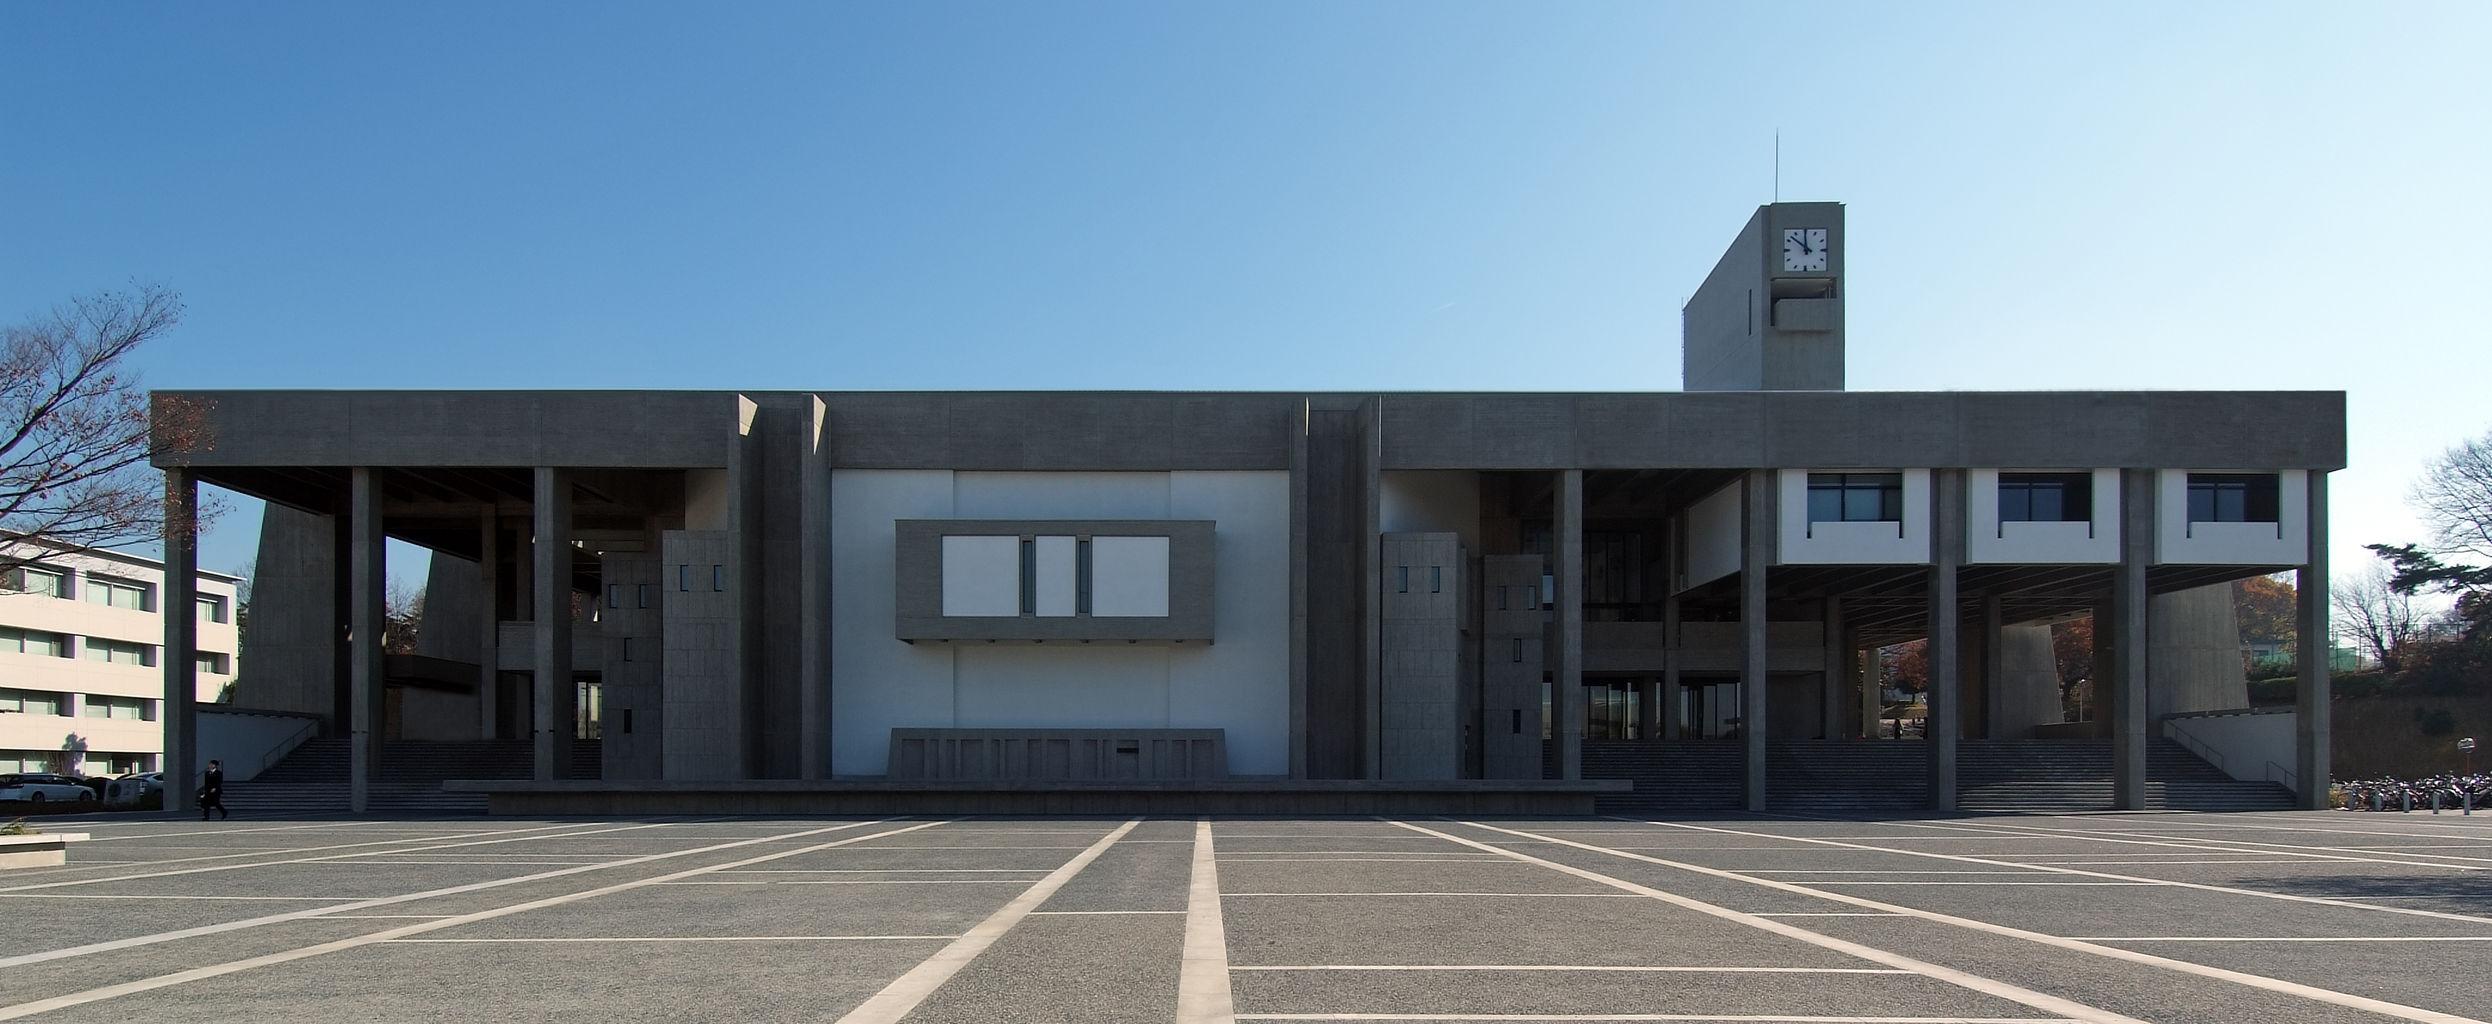 120903豊田講堂Toyota_Auditorium_of_Nagoya_University